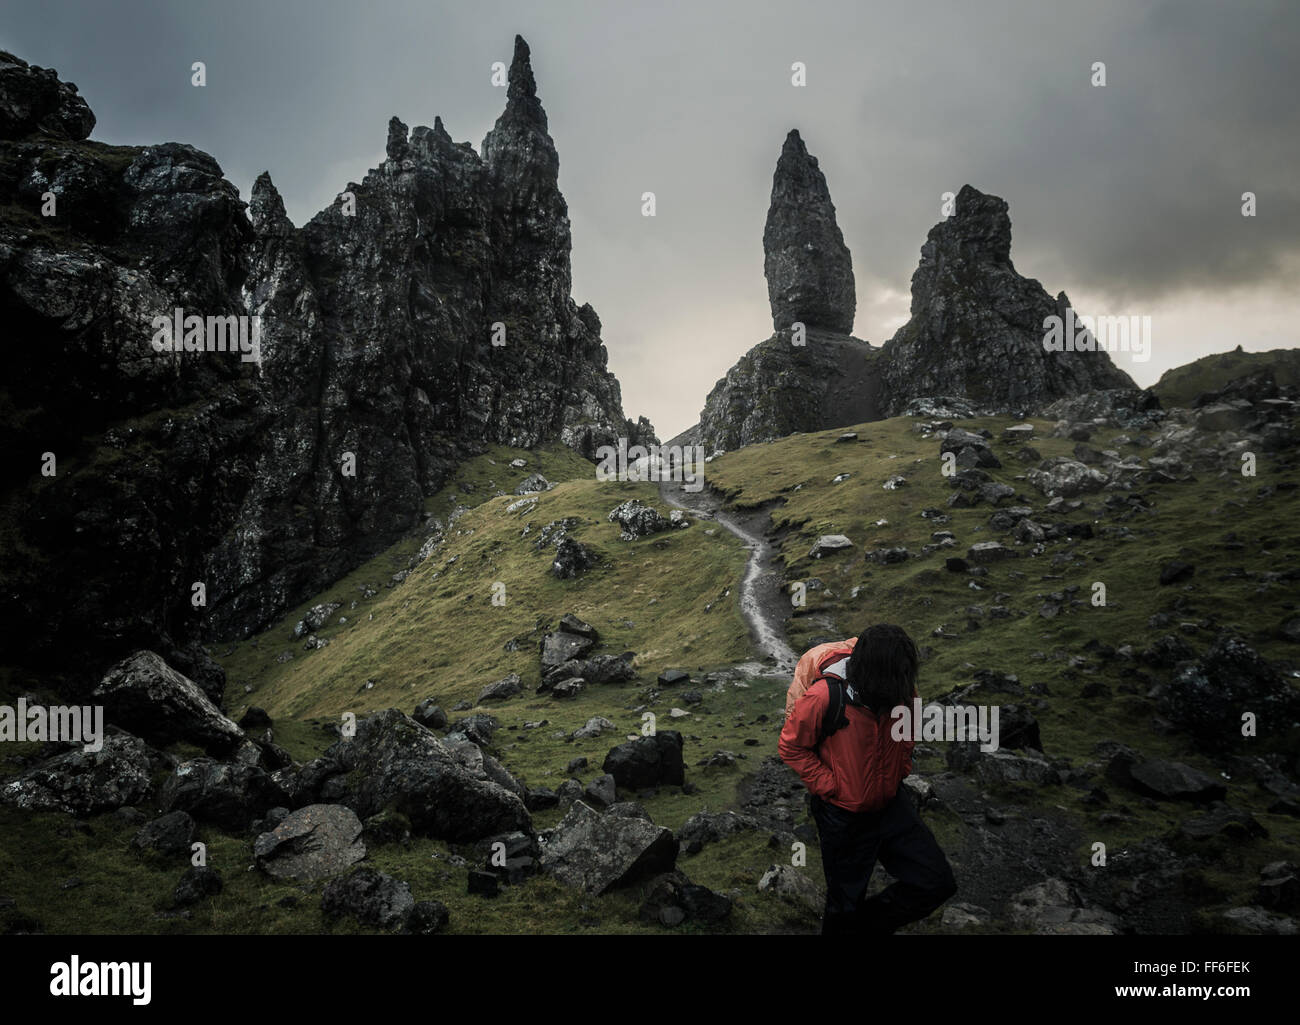 Deux personnes avec des sacs à dos sur un chemin étroit, jusqu'à un paysage spectaculaire de Photo Stock